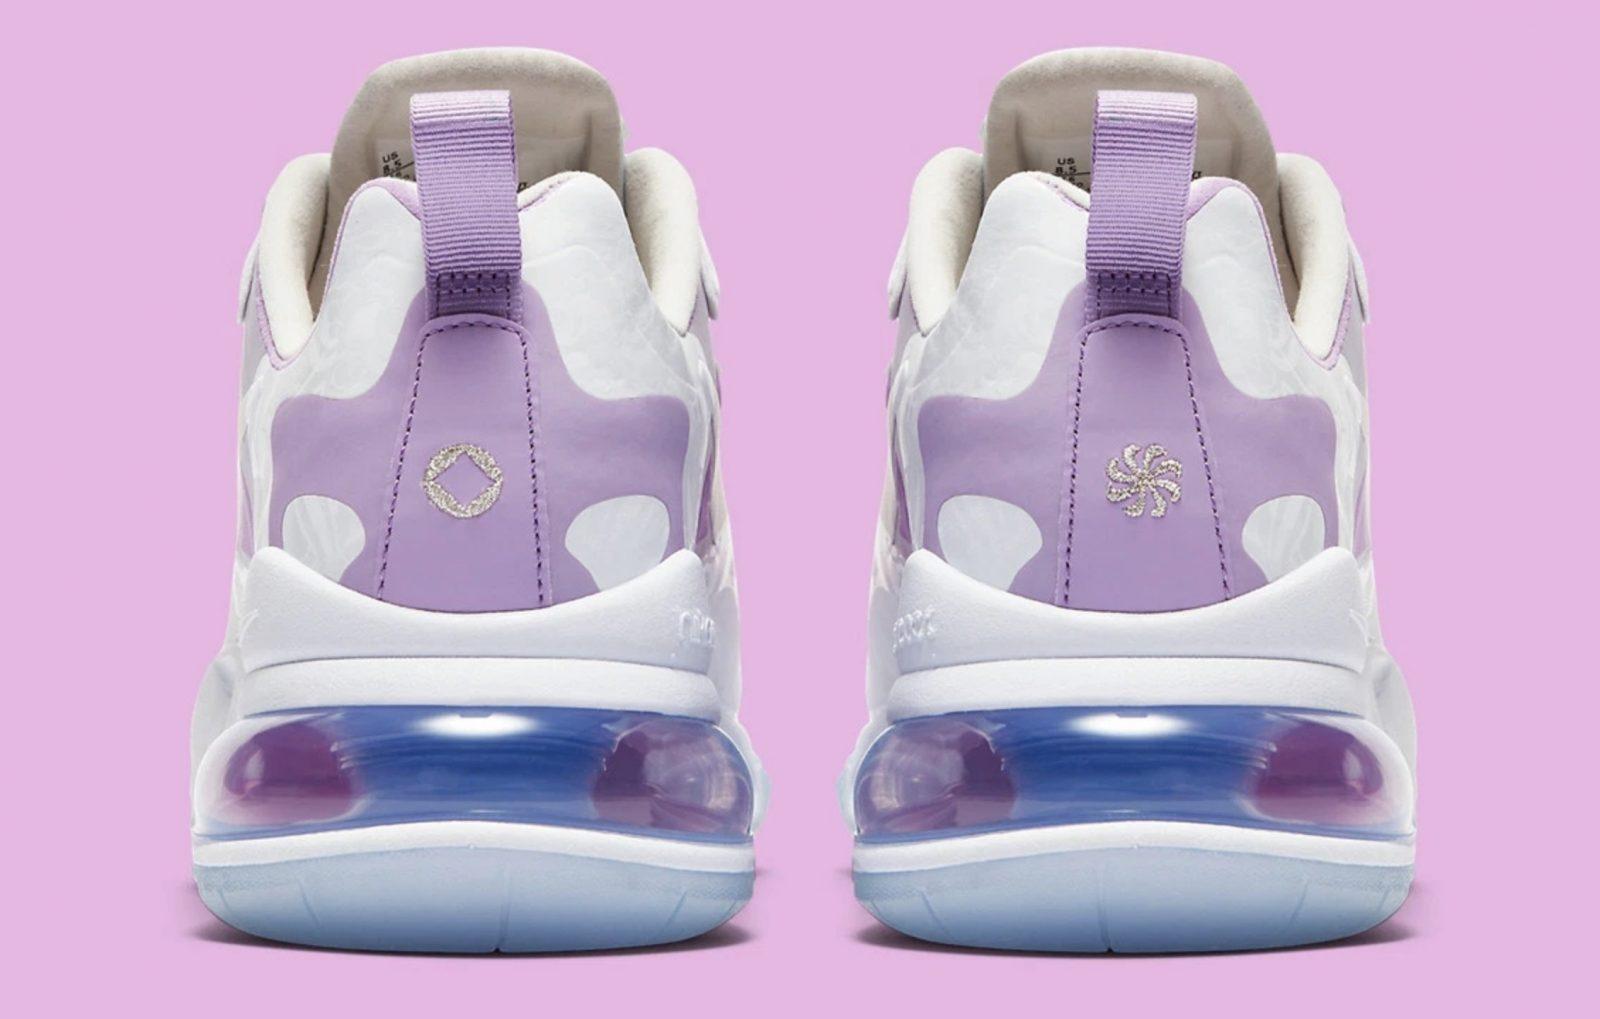 Nike-Air-Max-270-Reac ft-CU2995-911-1 5 heel